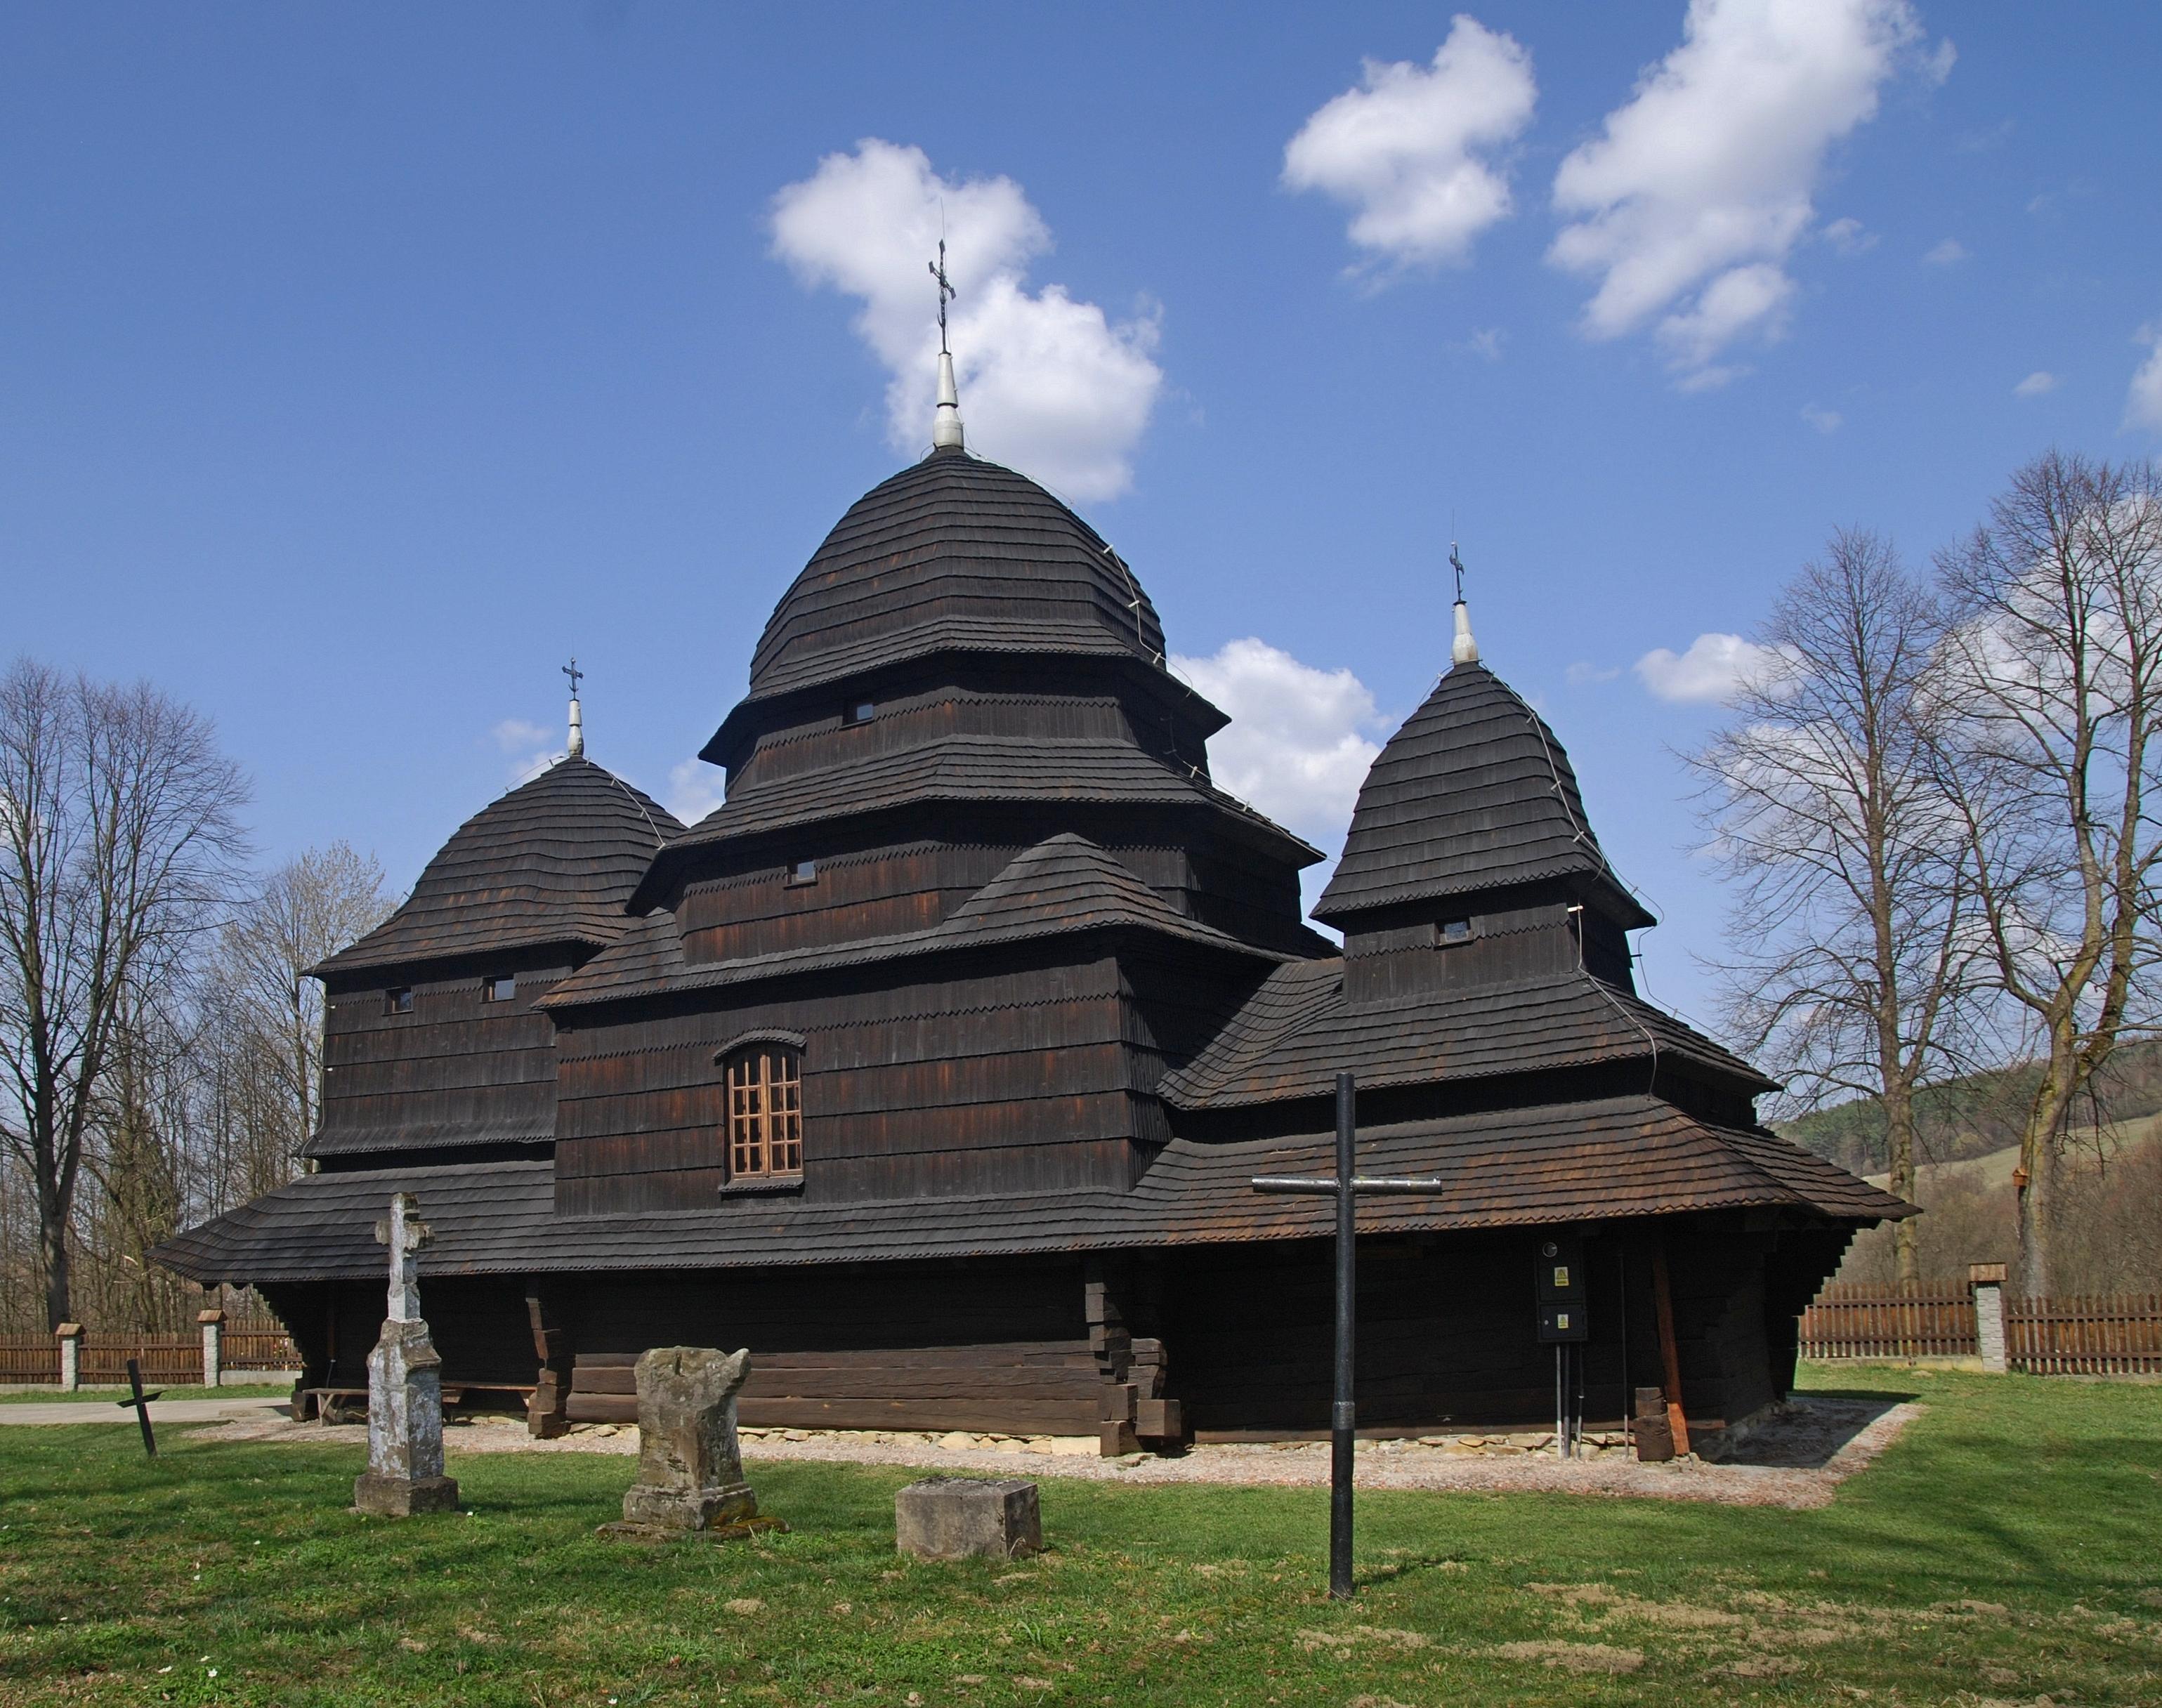 Cerkiew Opieki Matki Bożej w Równi – Wikipedia, wolna encyklopedia